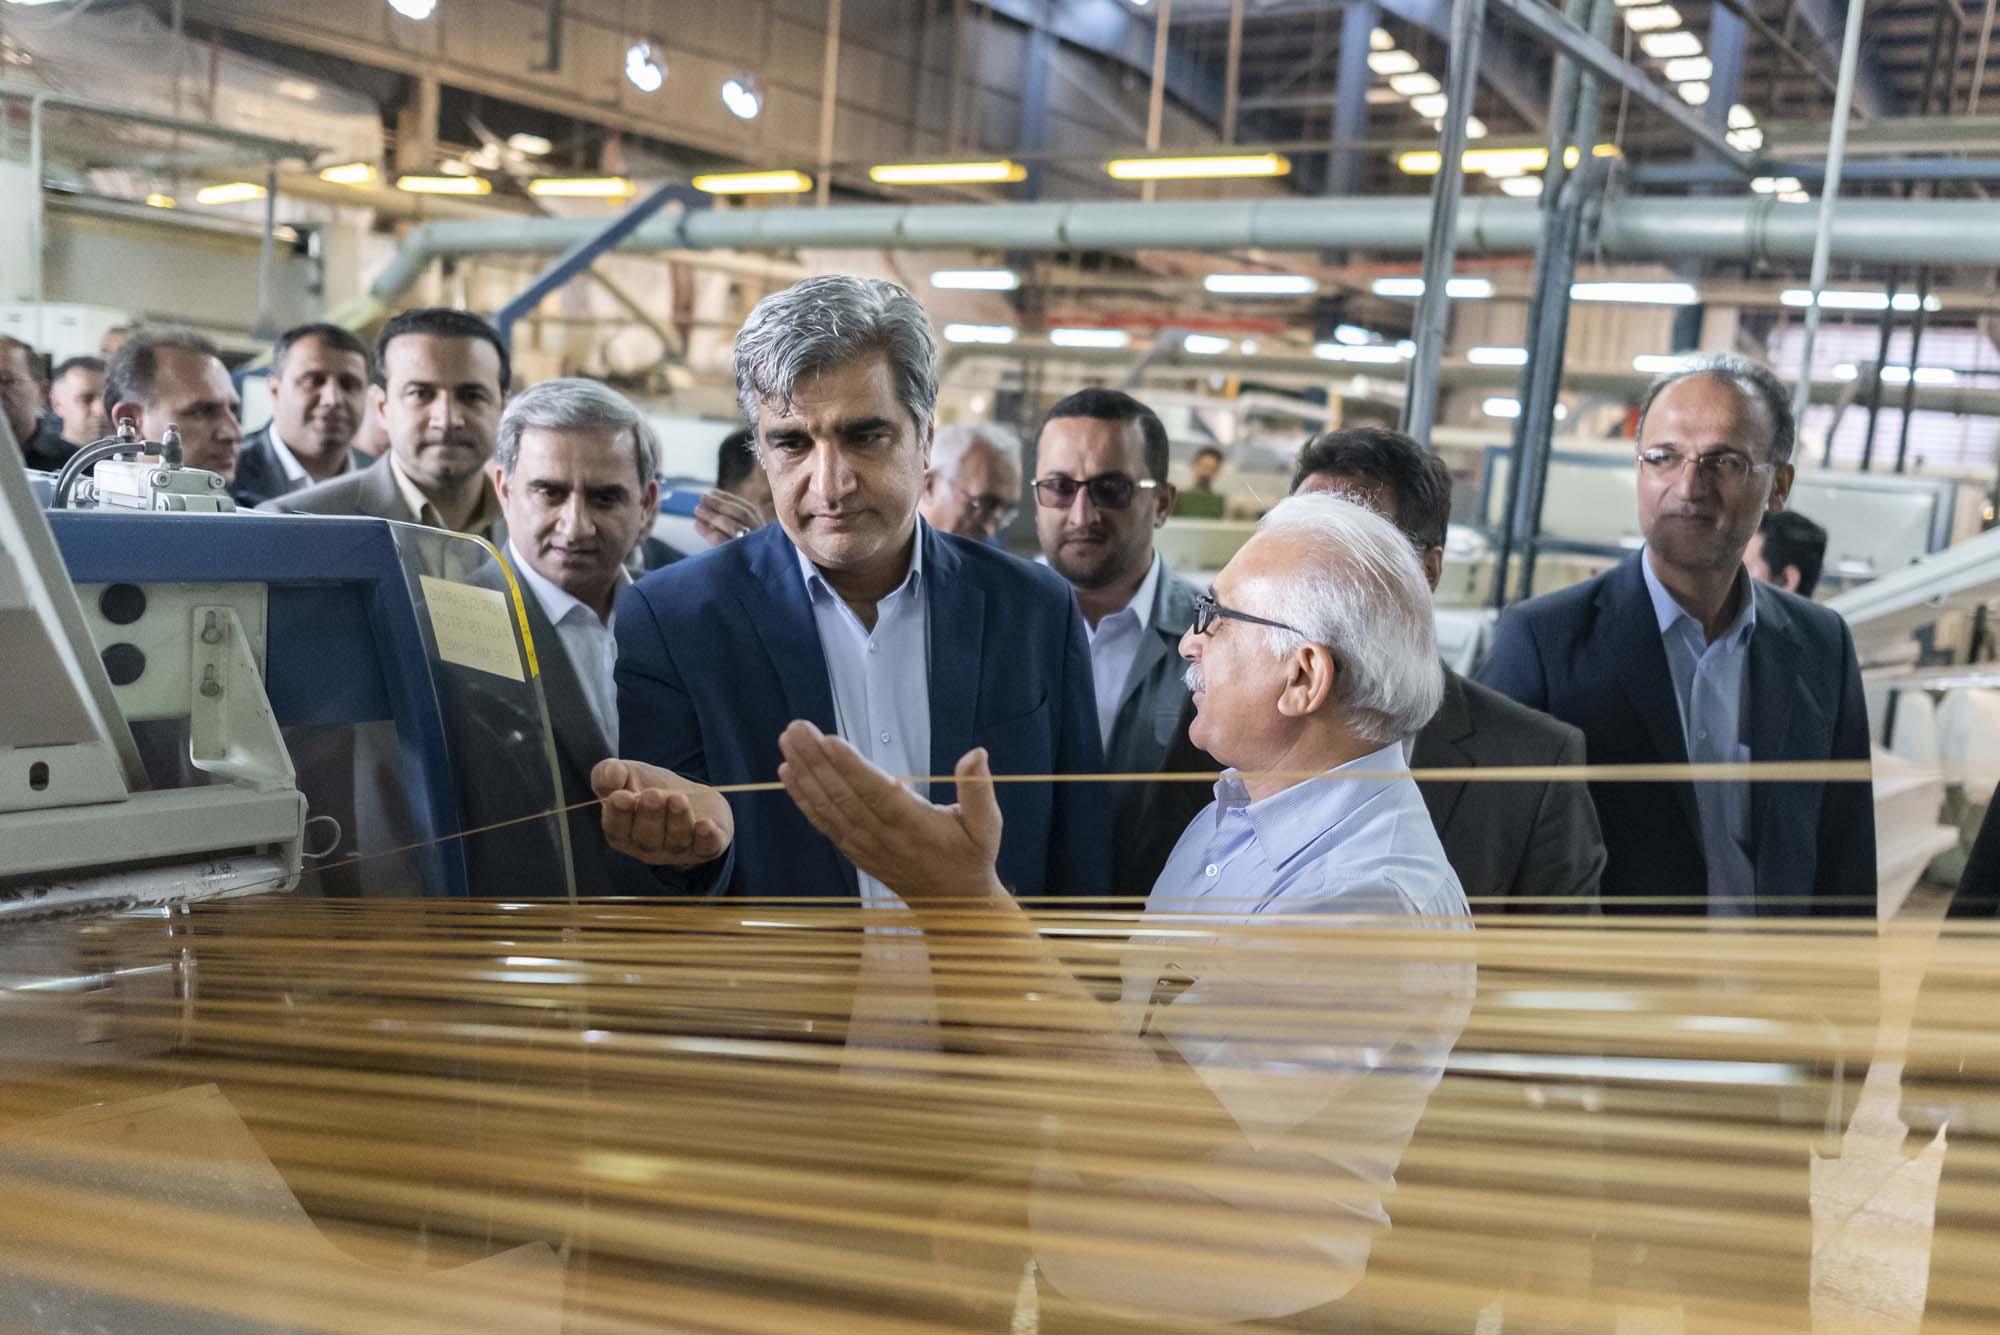 بازدید استاندار گیلان از واحدهای صنعتی و کارخانجات تولیدی